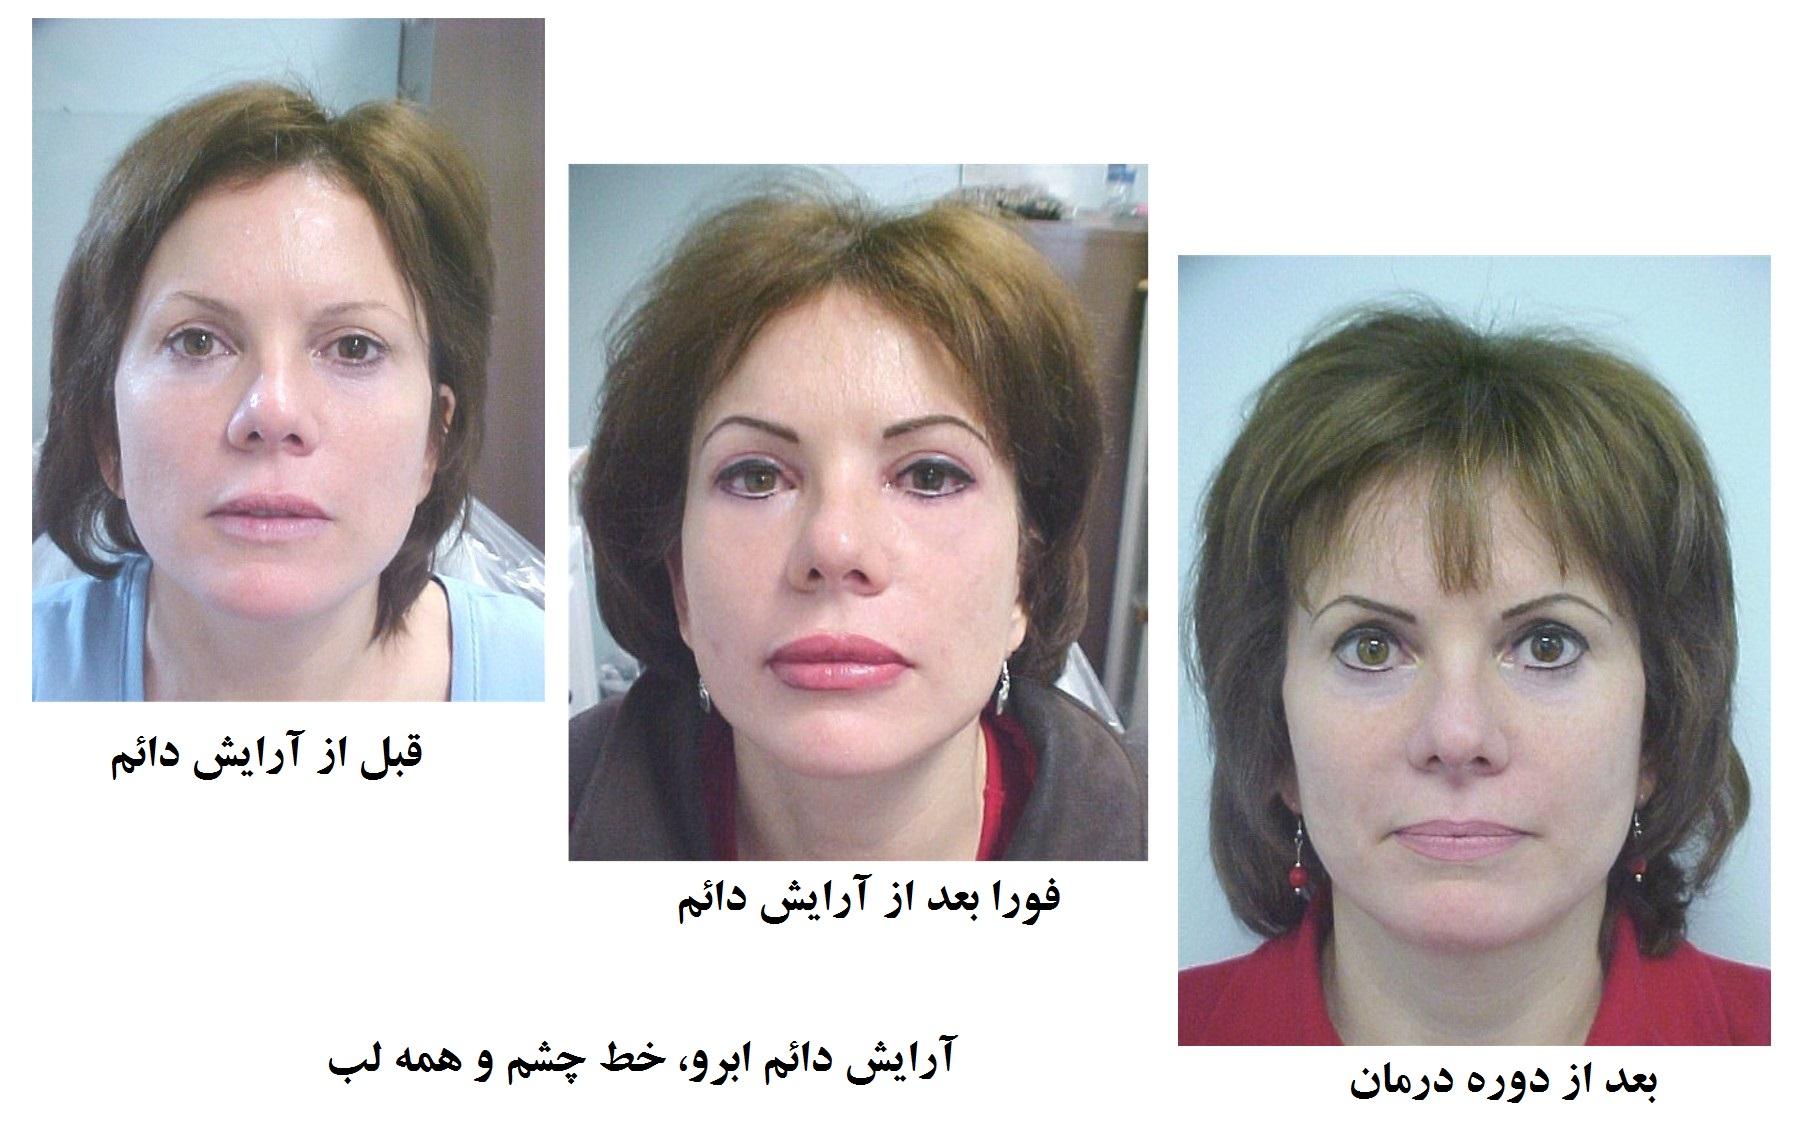 آرایش دائم آرایش دائم آرایش دائم Composite permanent makeup